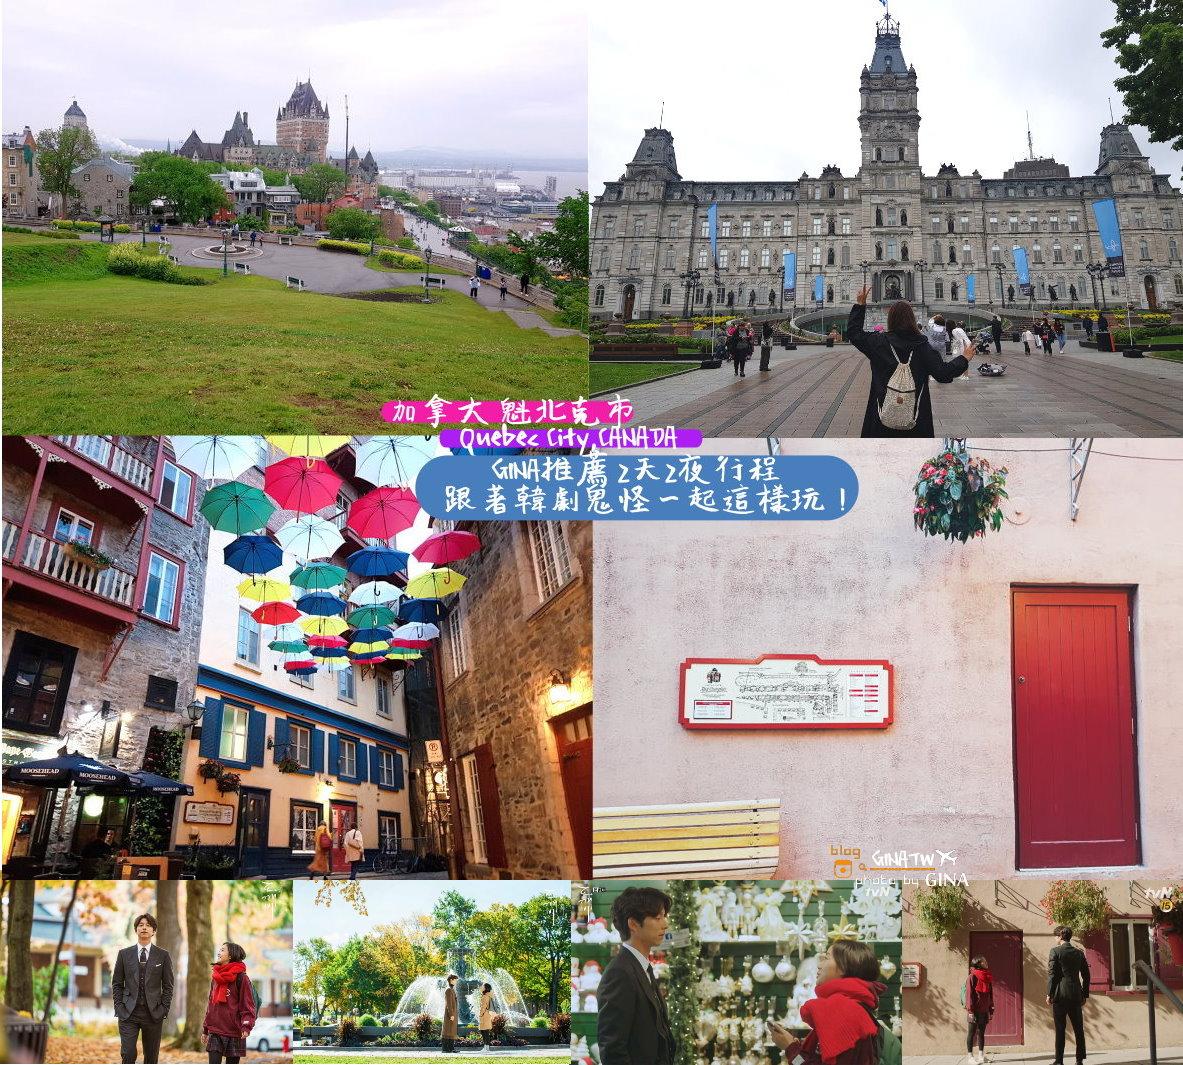 【魁北克自由行】歷史城區景點攻略|韓劇鬼怪景點|加拿大法式風情|世界文化遺產|2天2夜行程建議|聯合國教科文組織 @GINA環球旅行生活|不會韓文也可以去韓國